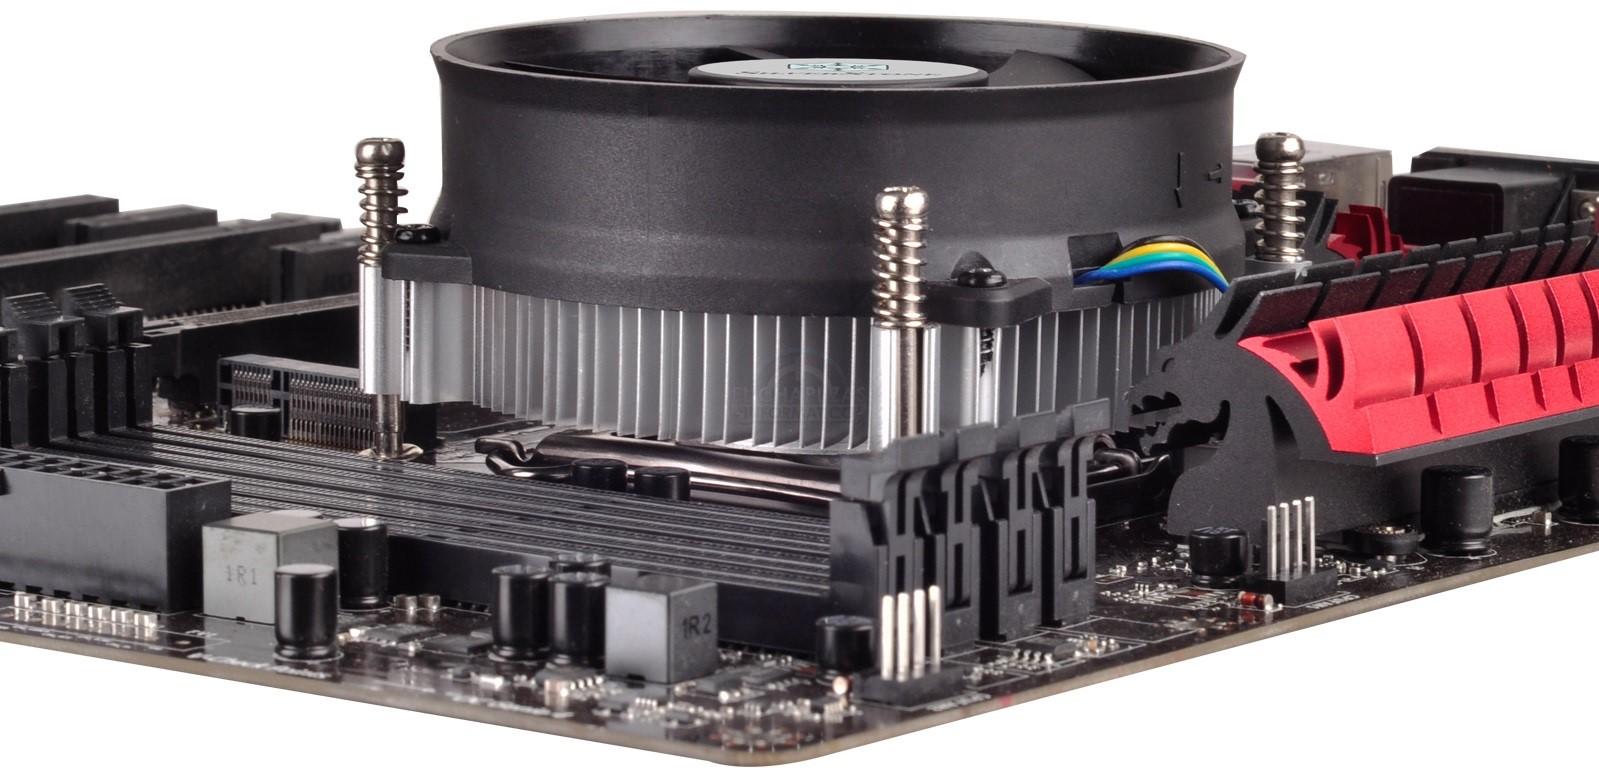 SilverStone NT09-115X: Disipador compacto para CPUs Intel